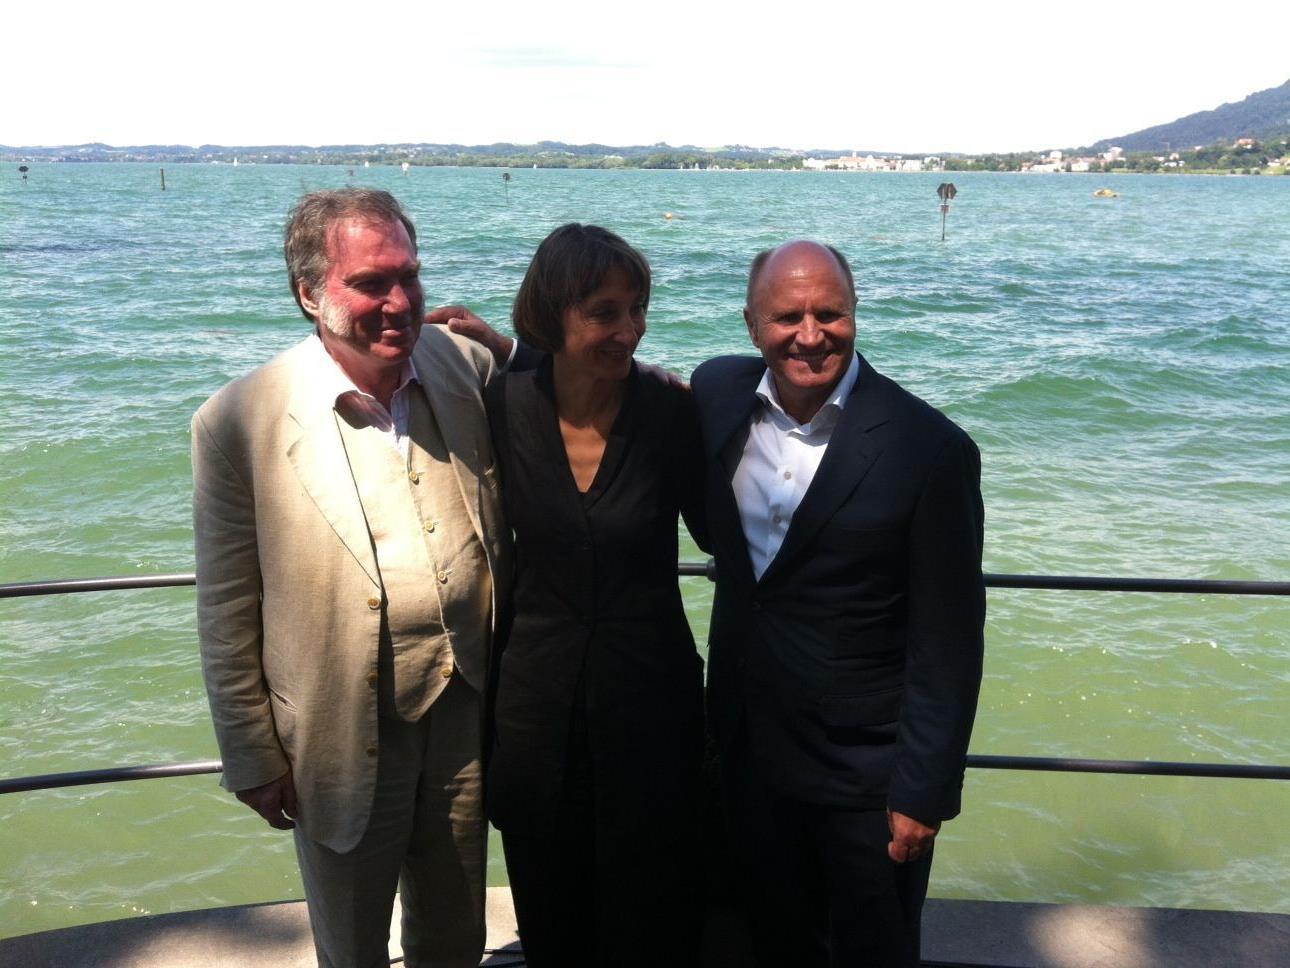 Nach der Pressekonferenz am Bodensee: David Pountney, Elisabeth Sobotka und Hans-Peter Metzler (v.l.)